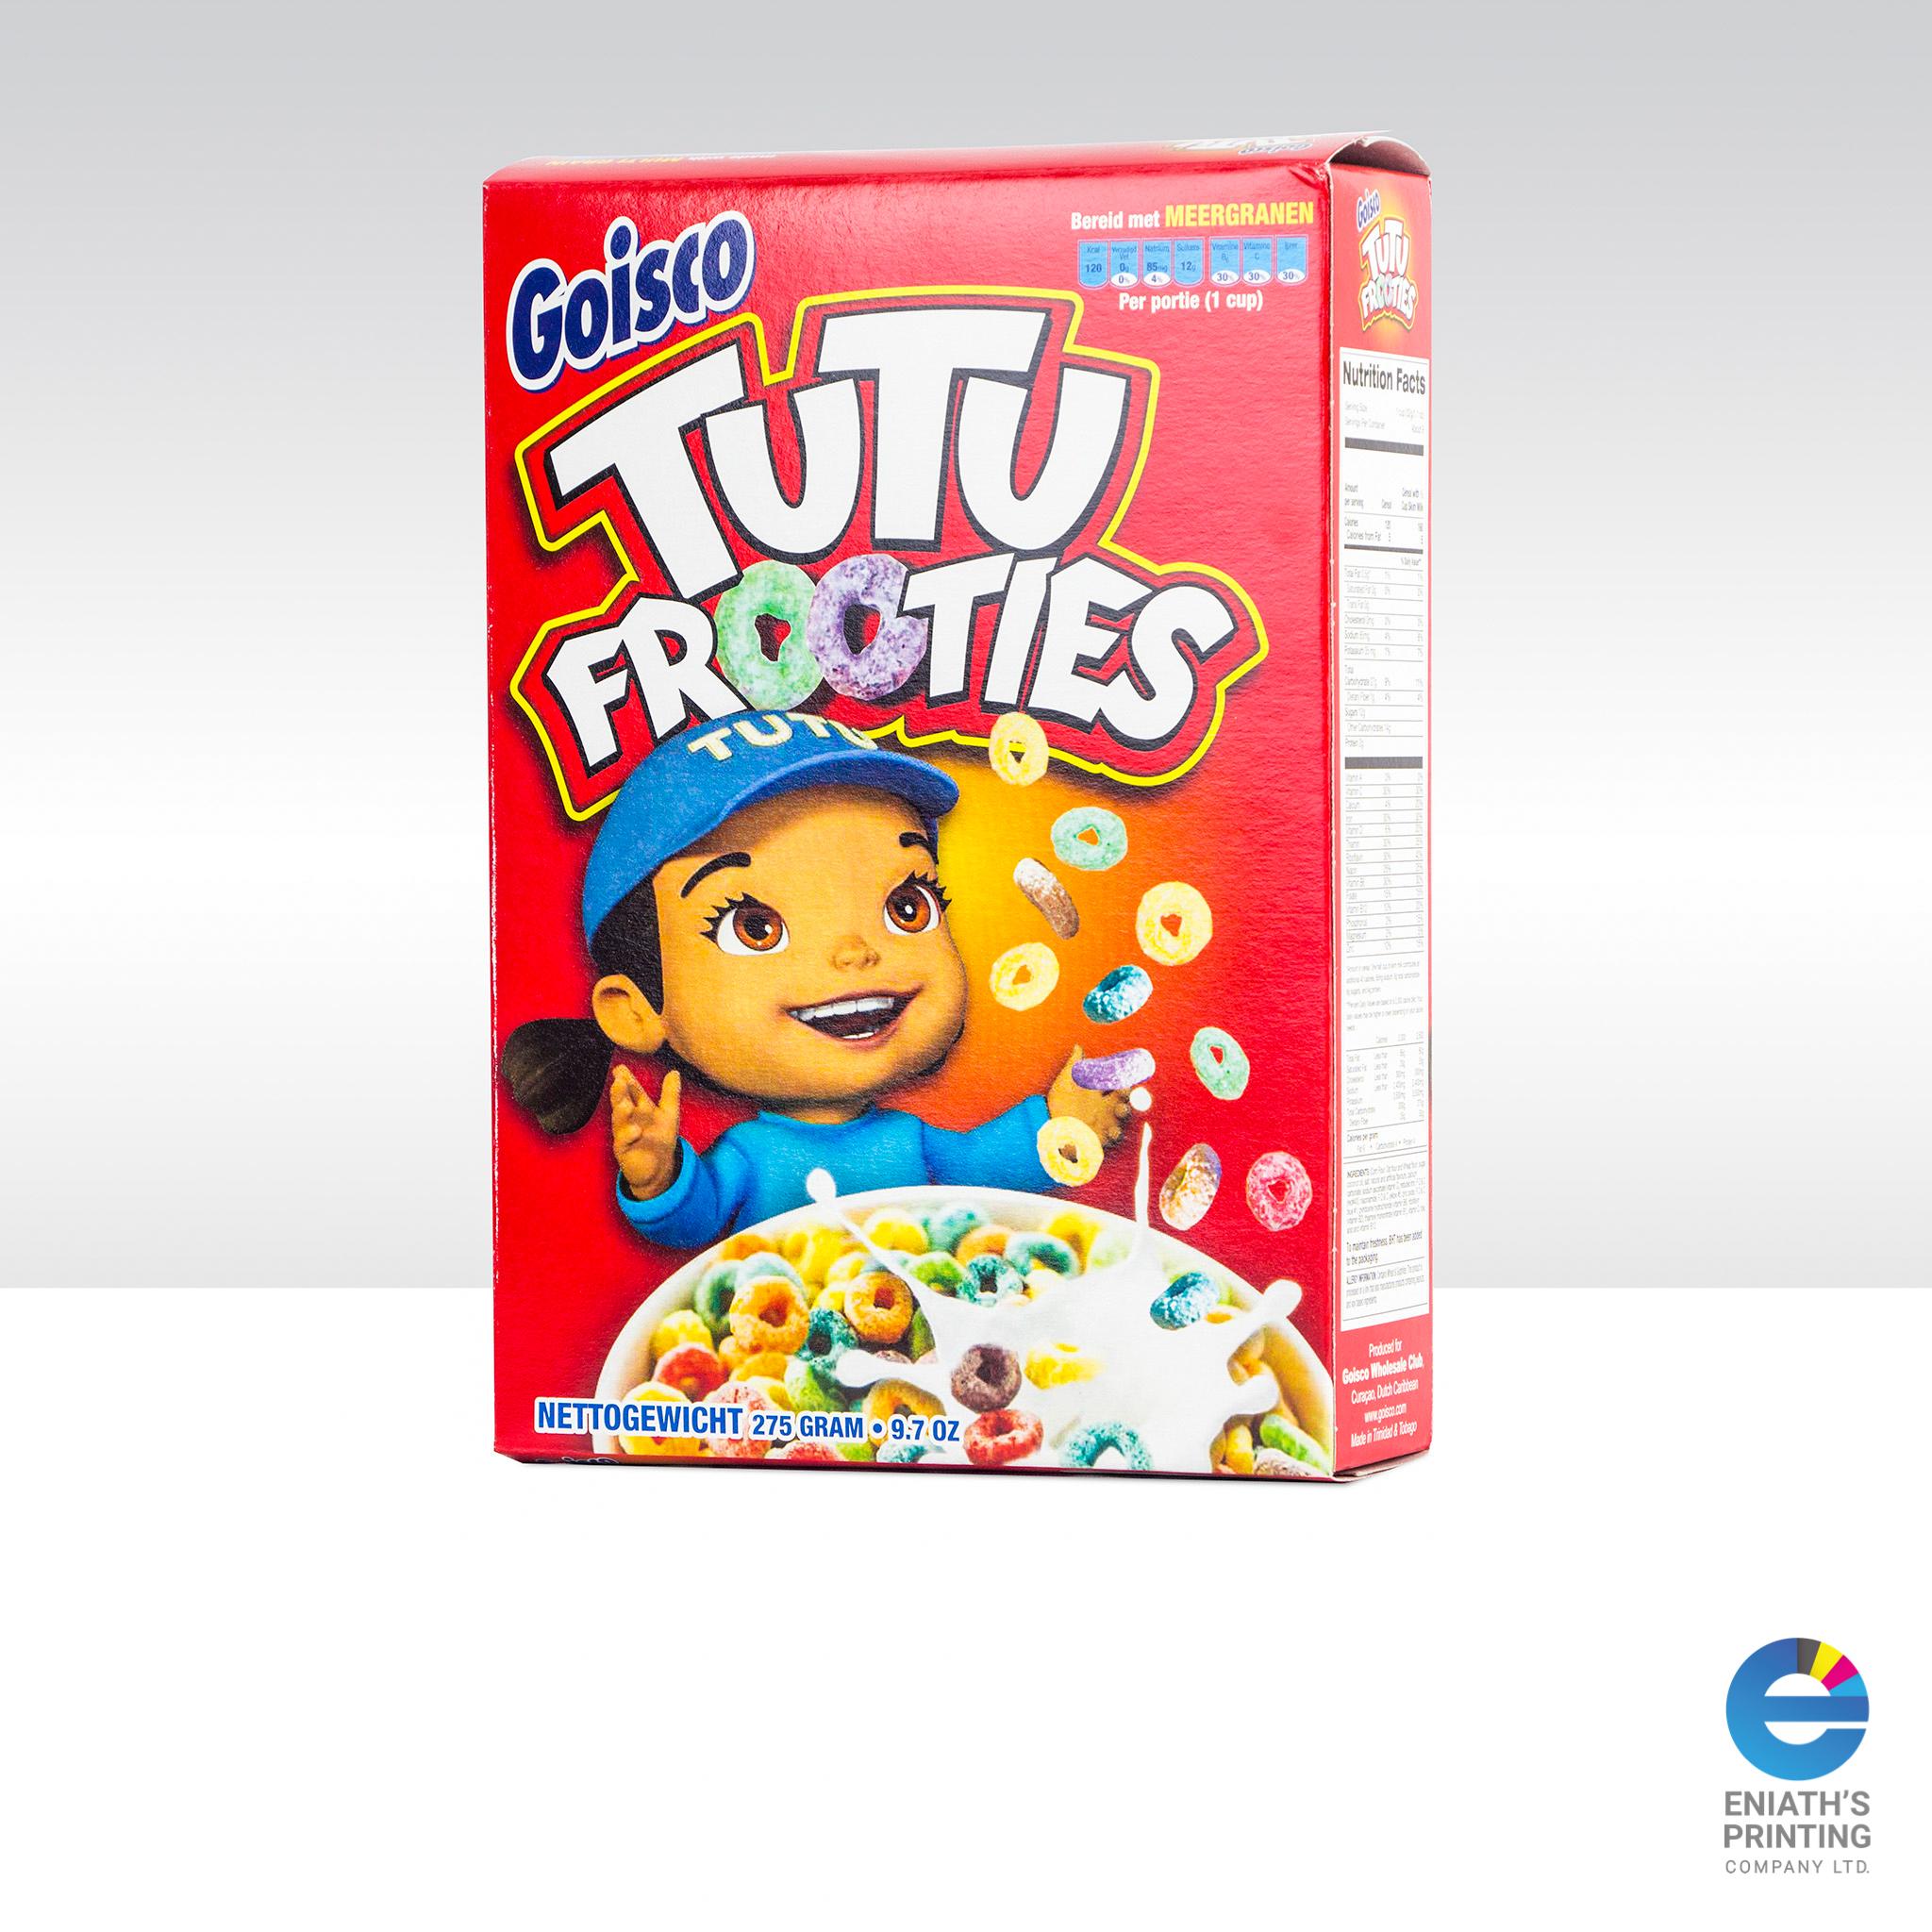 Tutu Frooties Packaging - Printed by Eniath's Printing Co. Ltd.